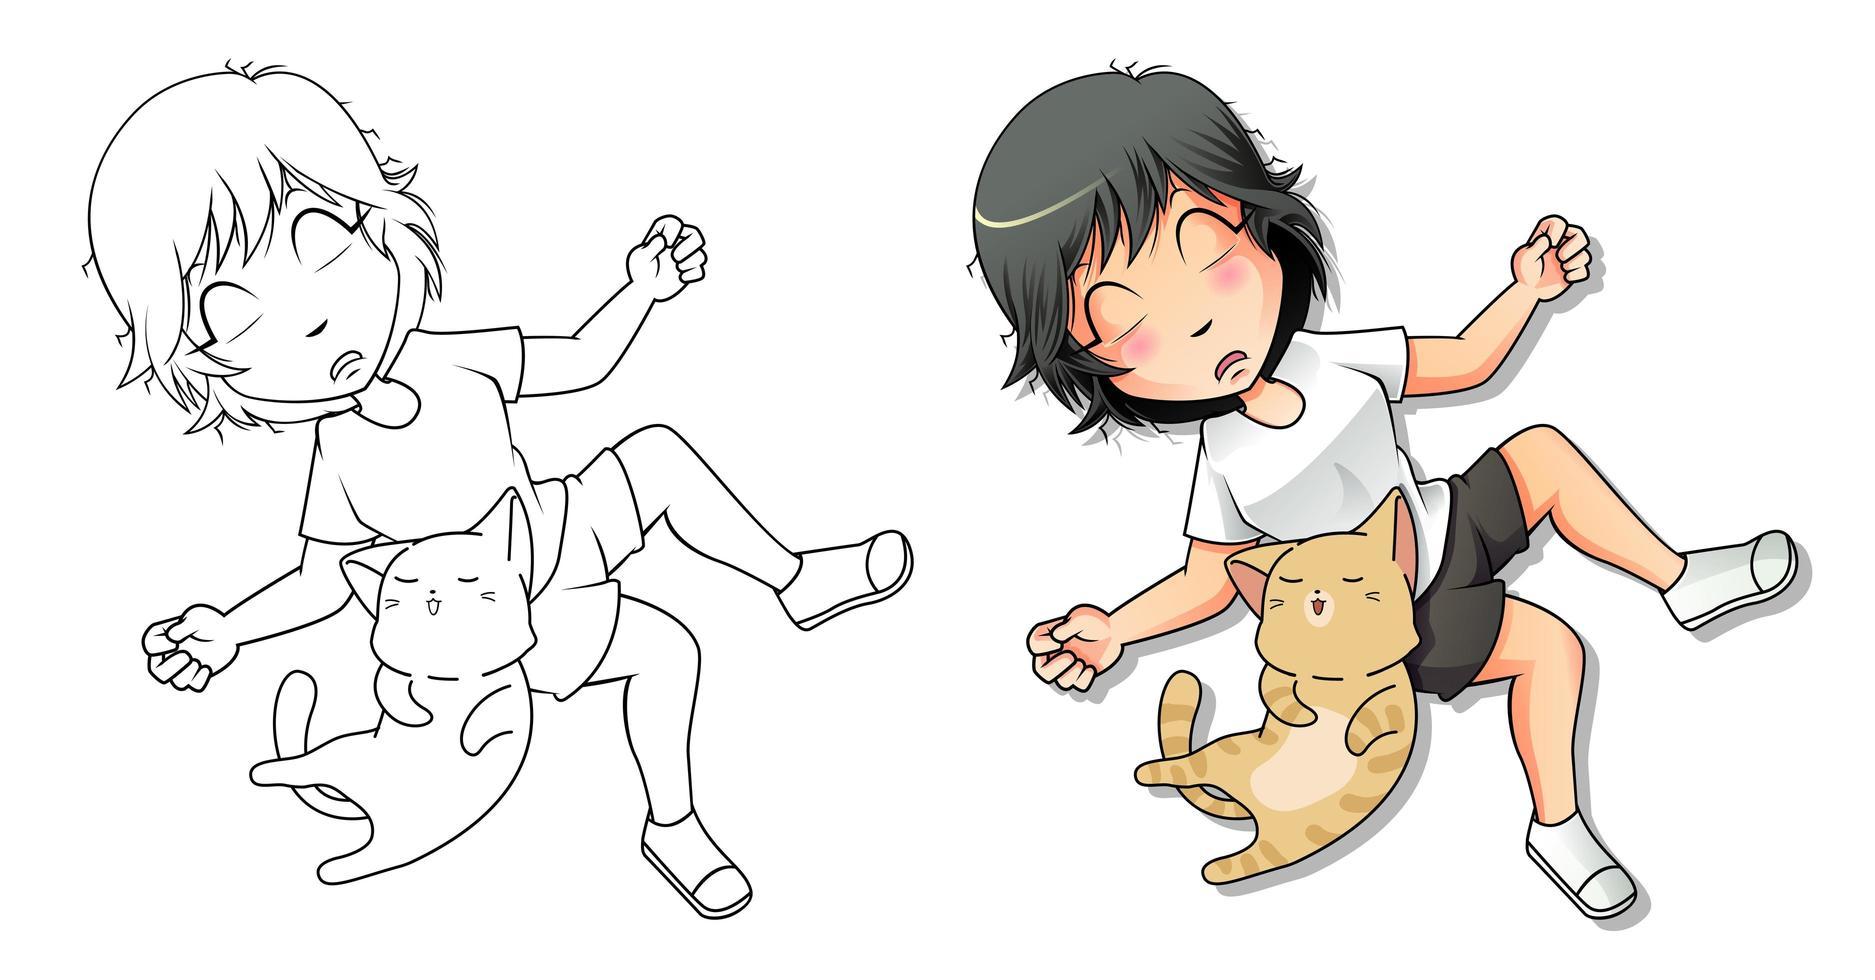 kattenliefhebber cartoon kleurplaat voor kinderen vector